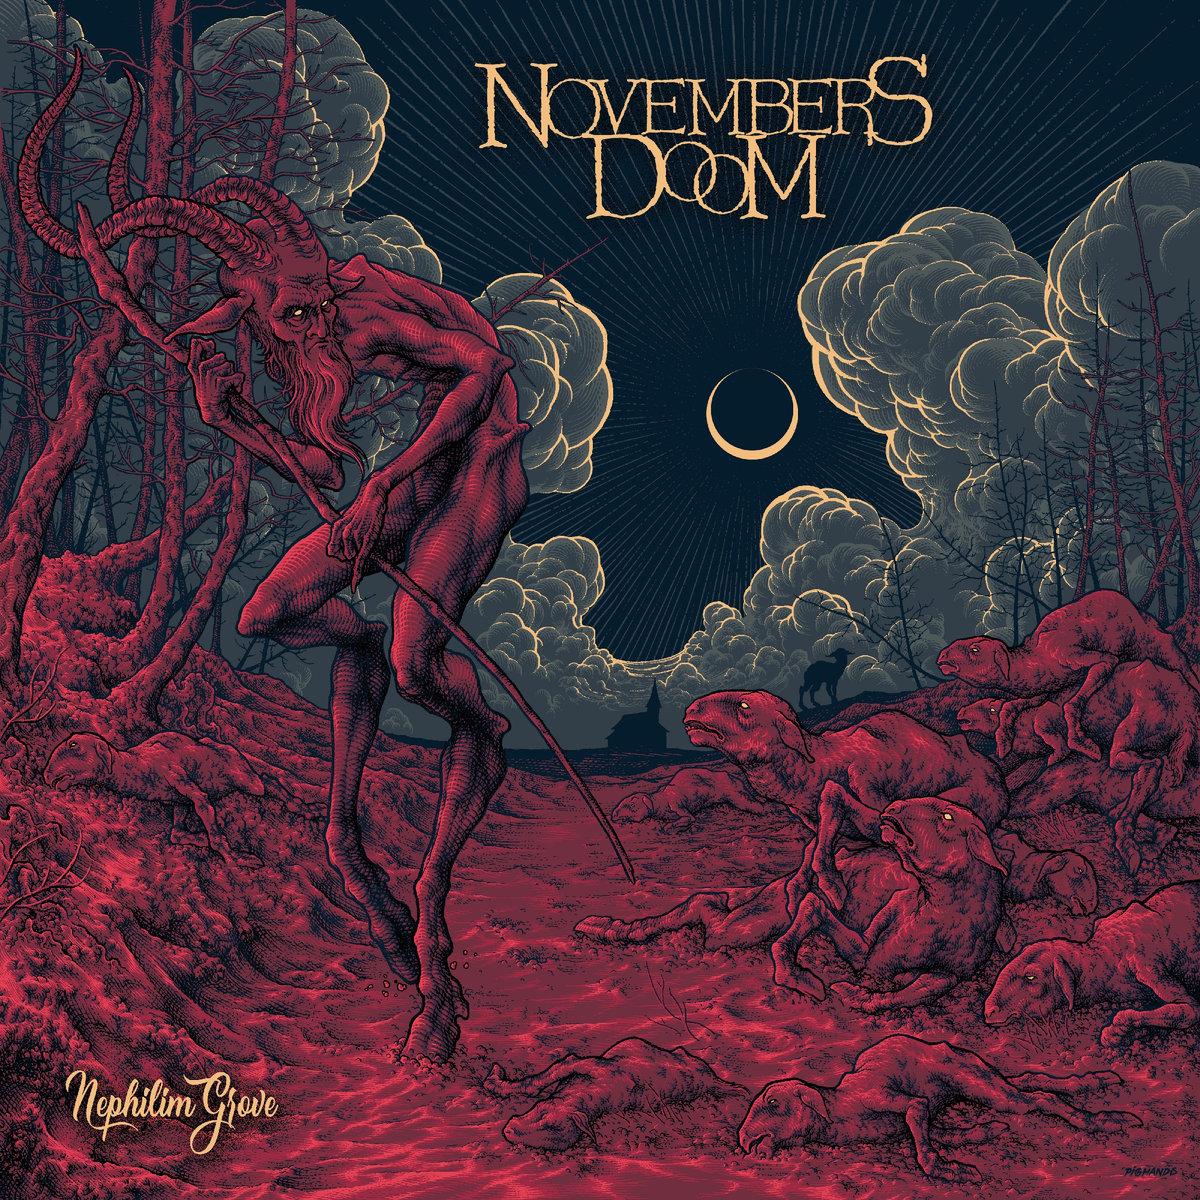 NOVEMBERS DOOM dévoile la lyric vidéo de la chanson «Nephilim Grove»